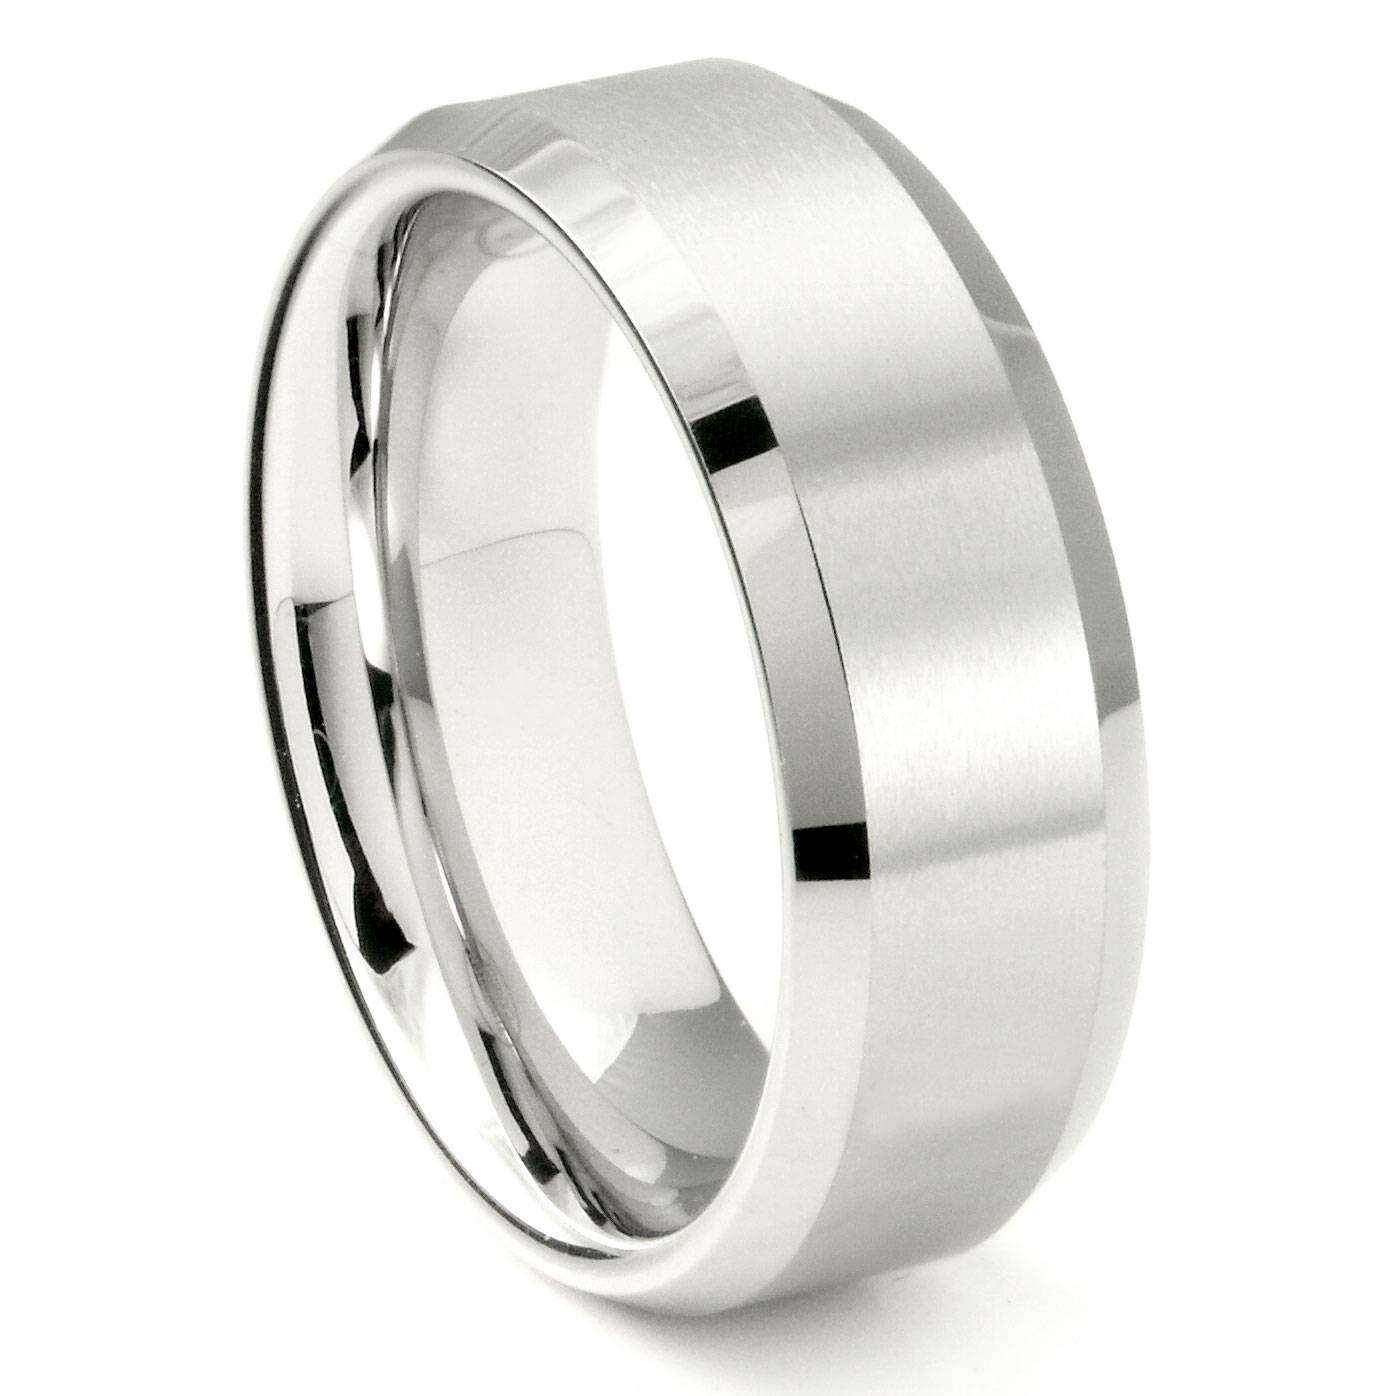 White Tungsten Carbide 8Mm Beveled Wedding Band Ring Regarding Tungsten Wedding Bands (View 14 of 15)